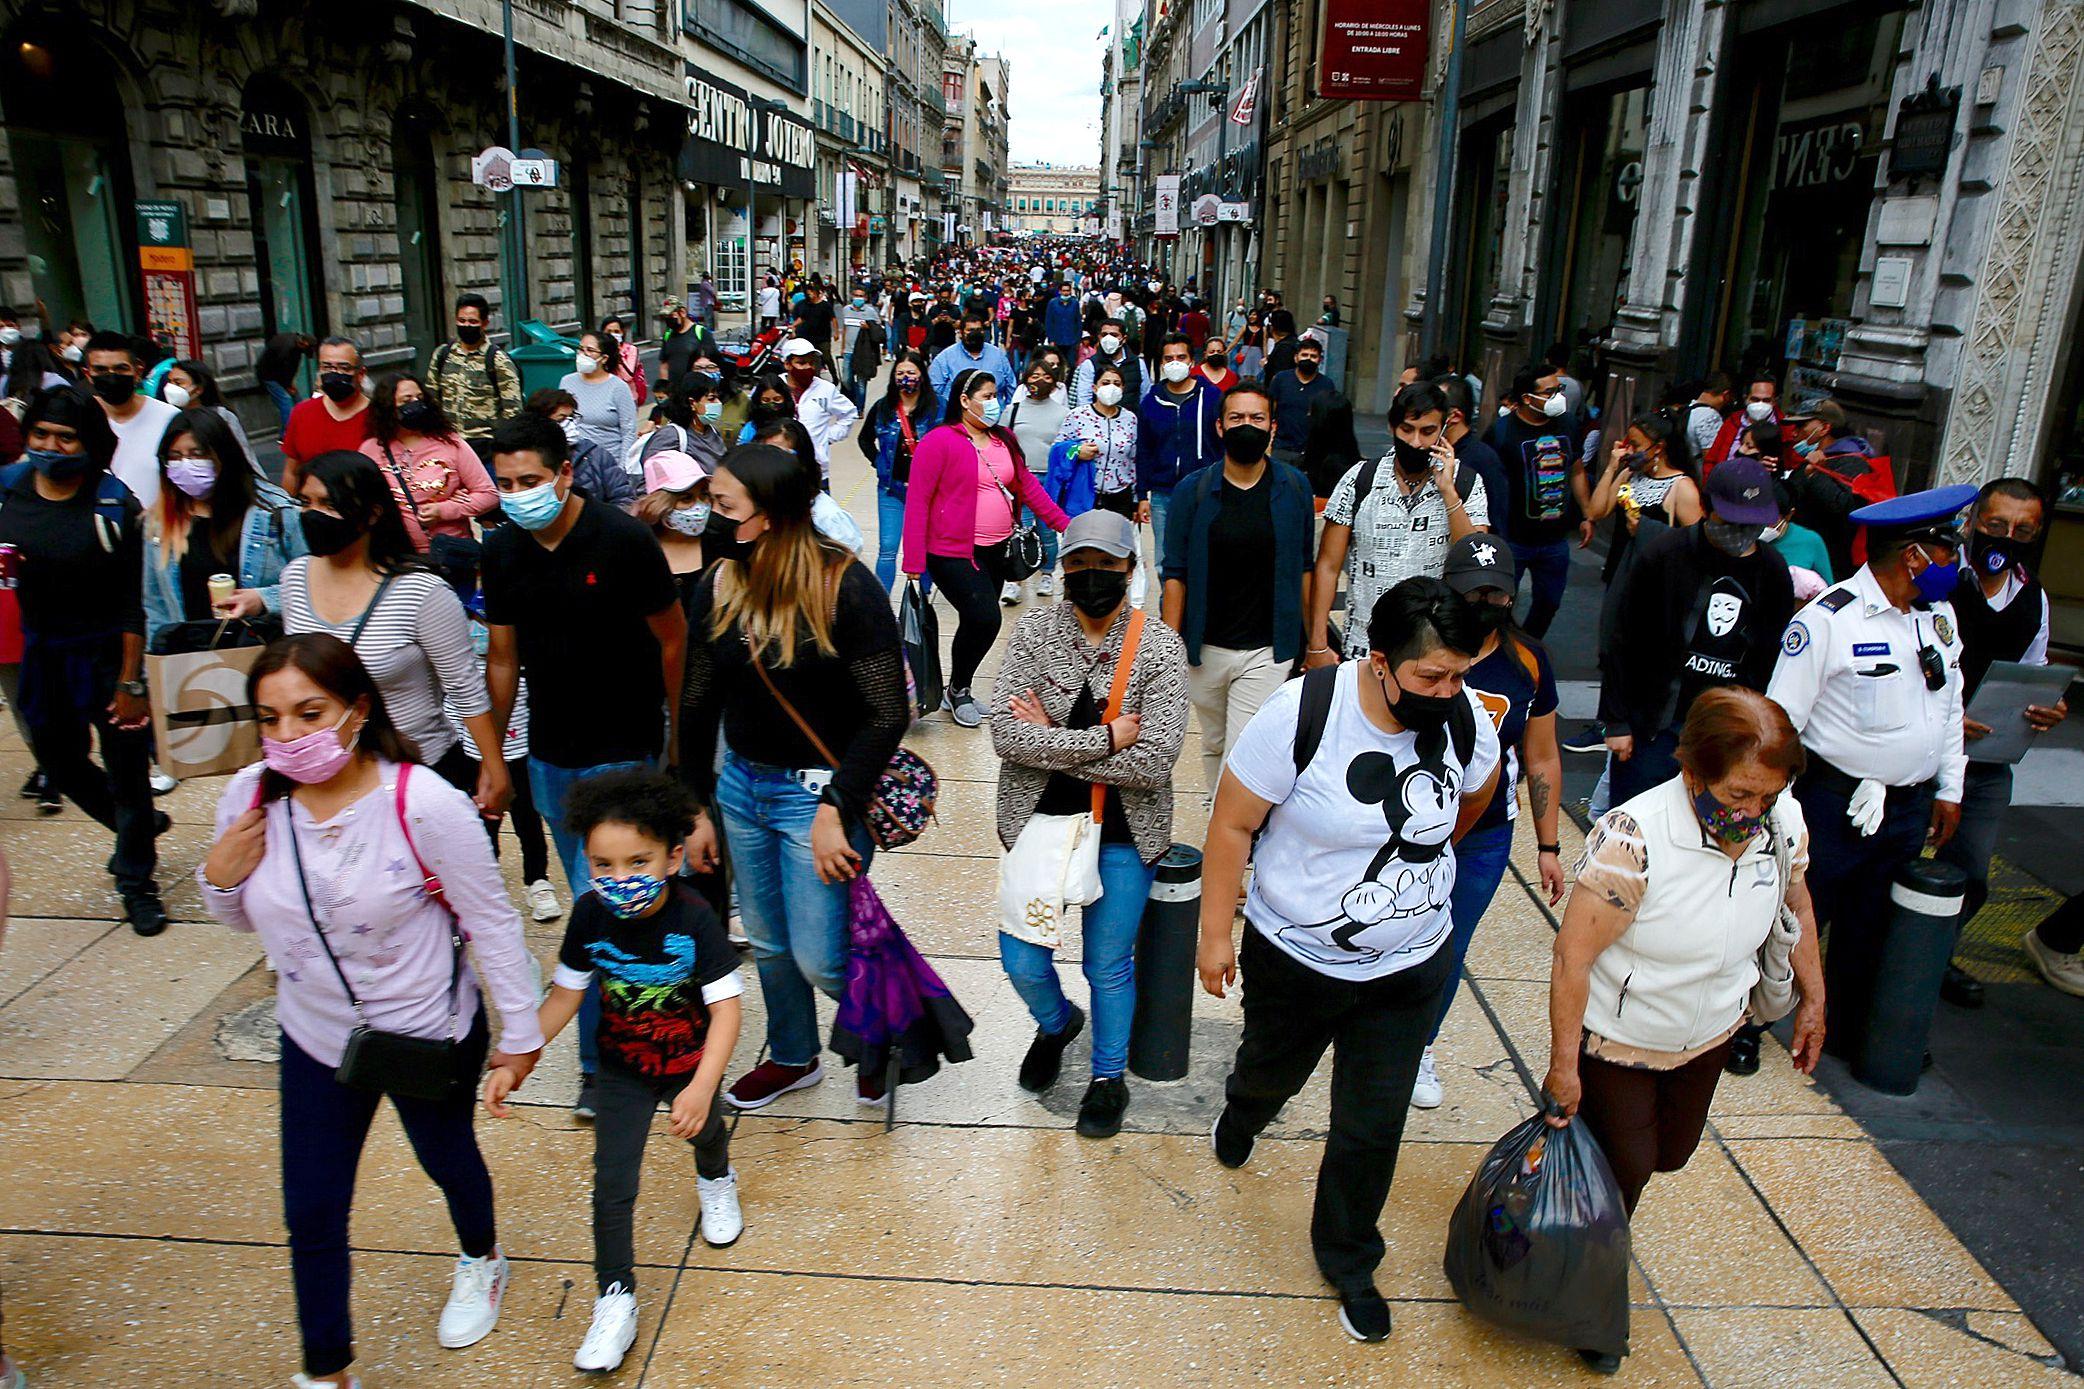 El corredor se ubicará en la calle de República de Honduras EFE/Carlos Ramírez